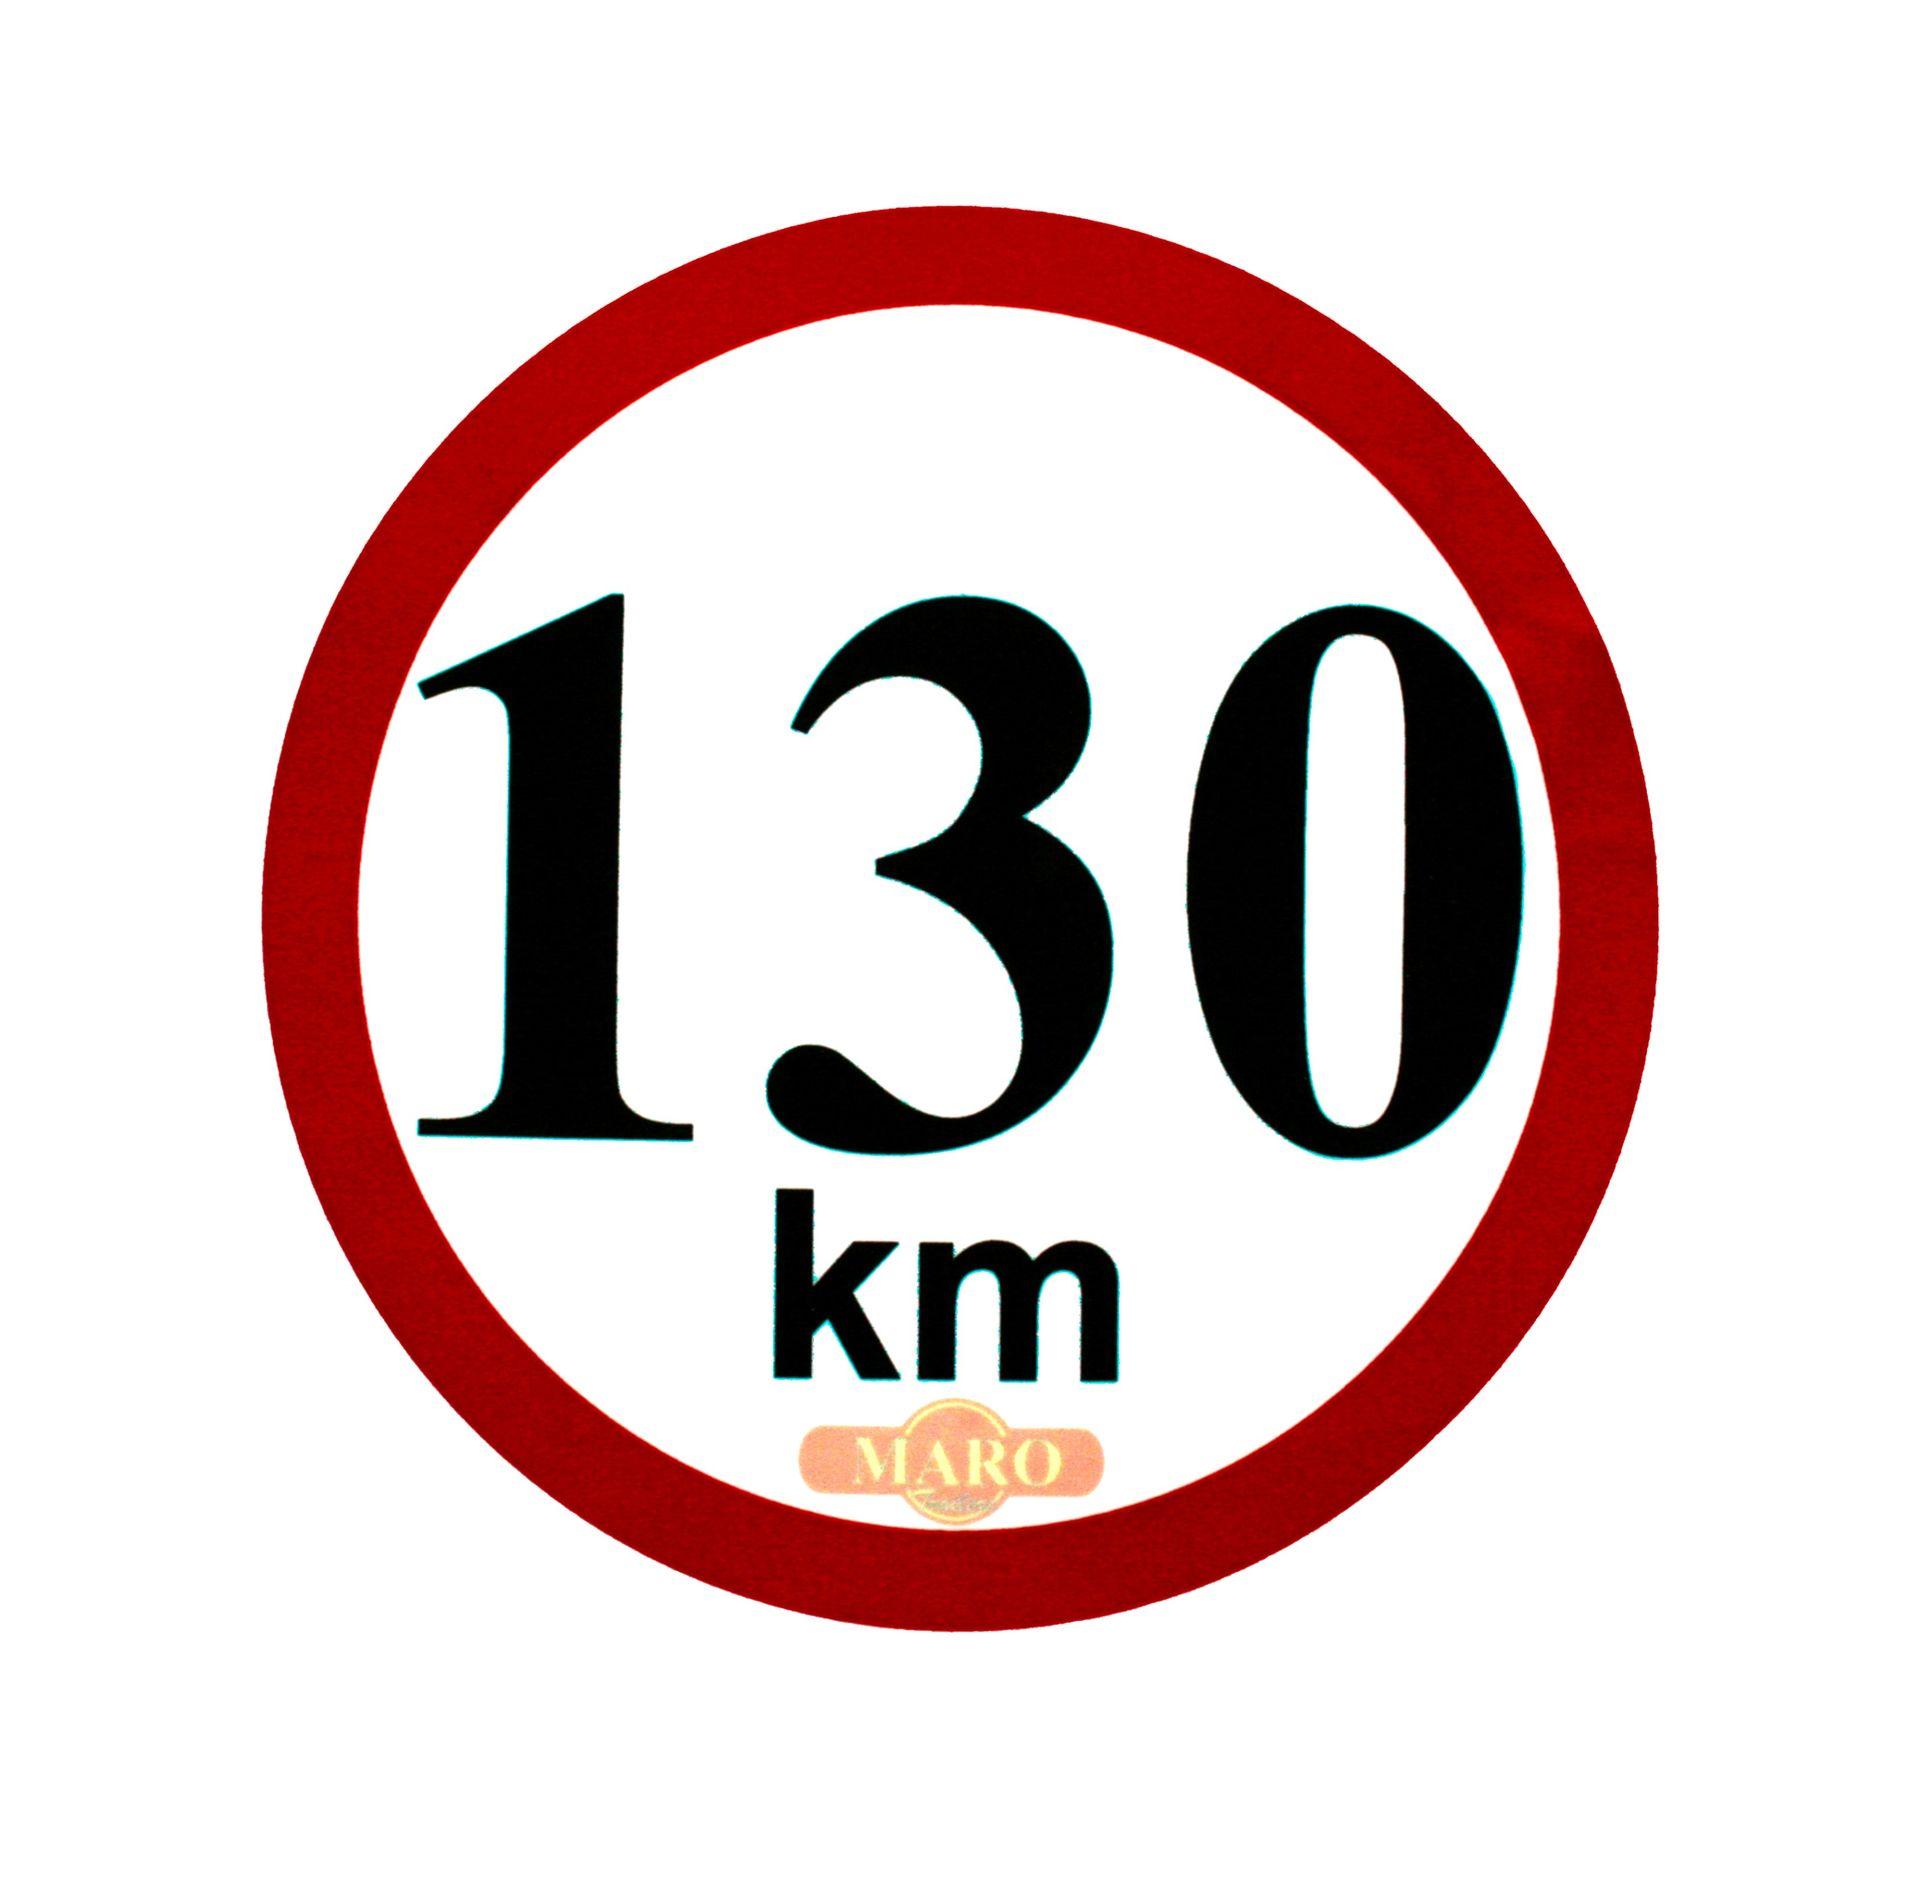 Omezení rychlosti 130 km/h